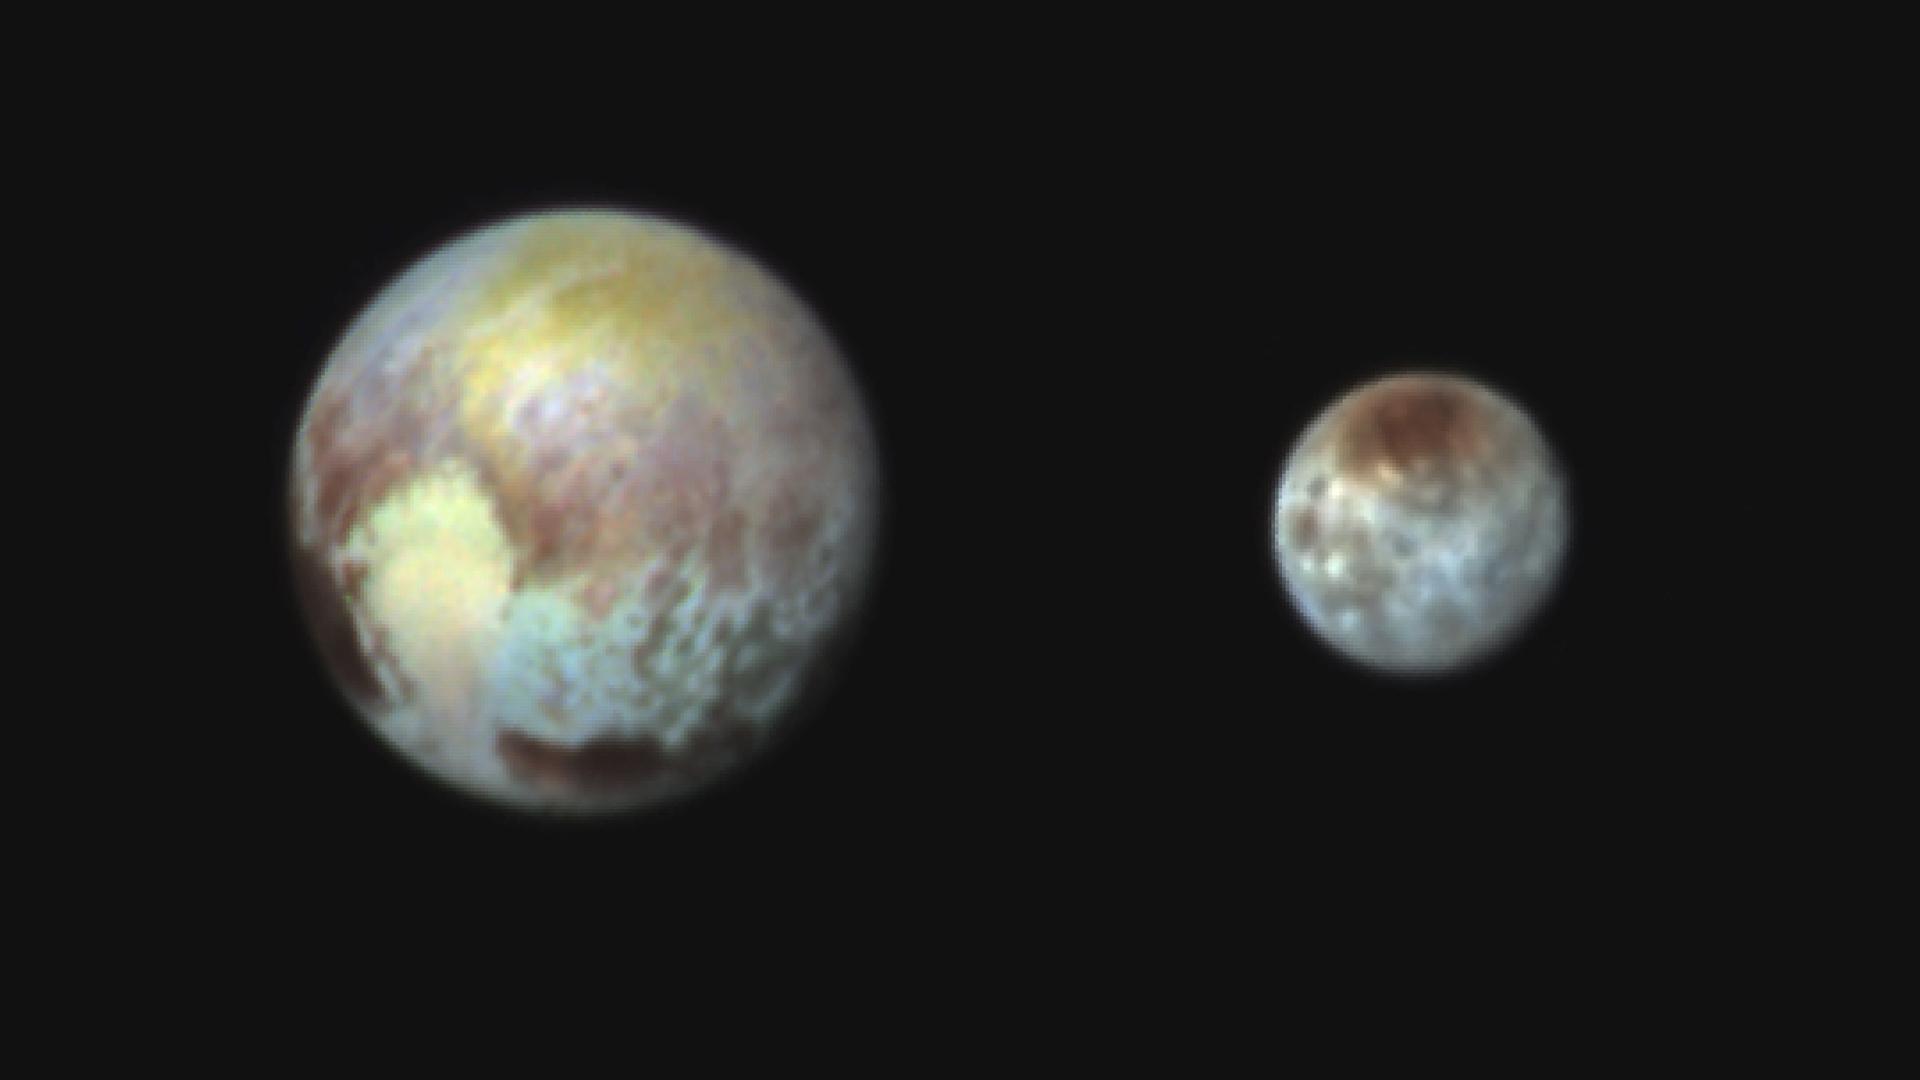 Credit: NASA/APL/SwRI